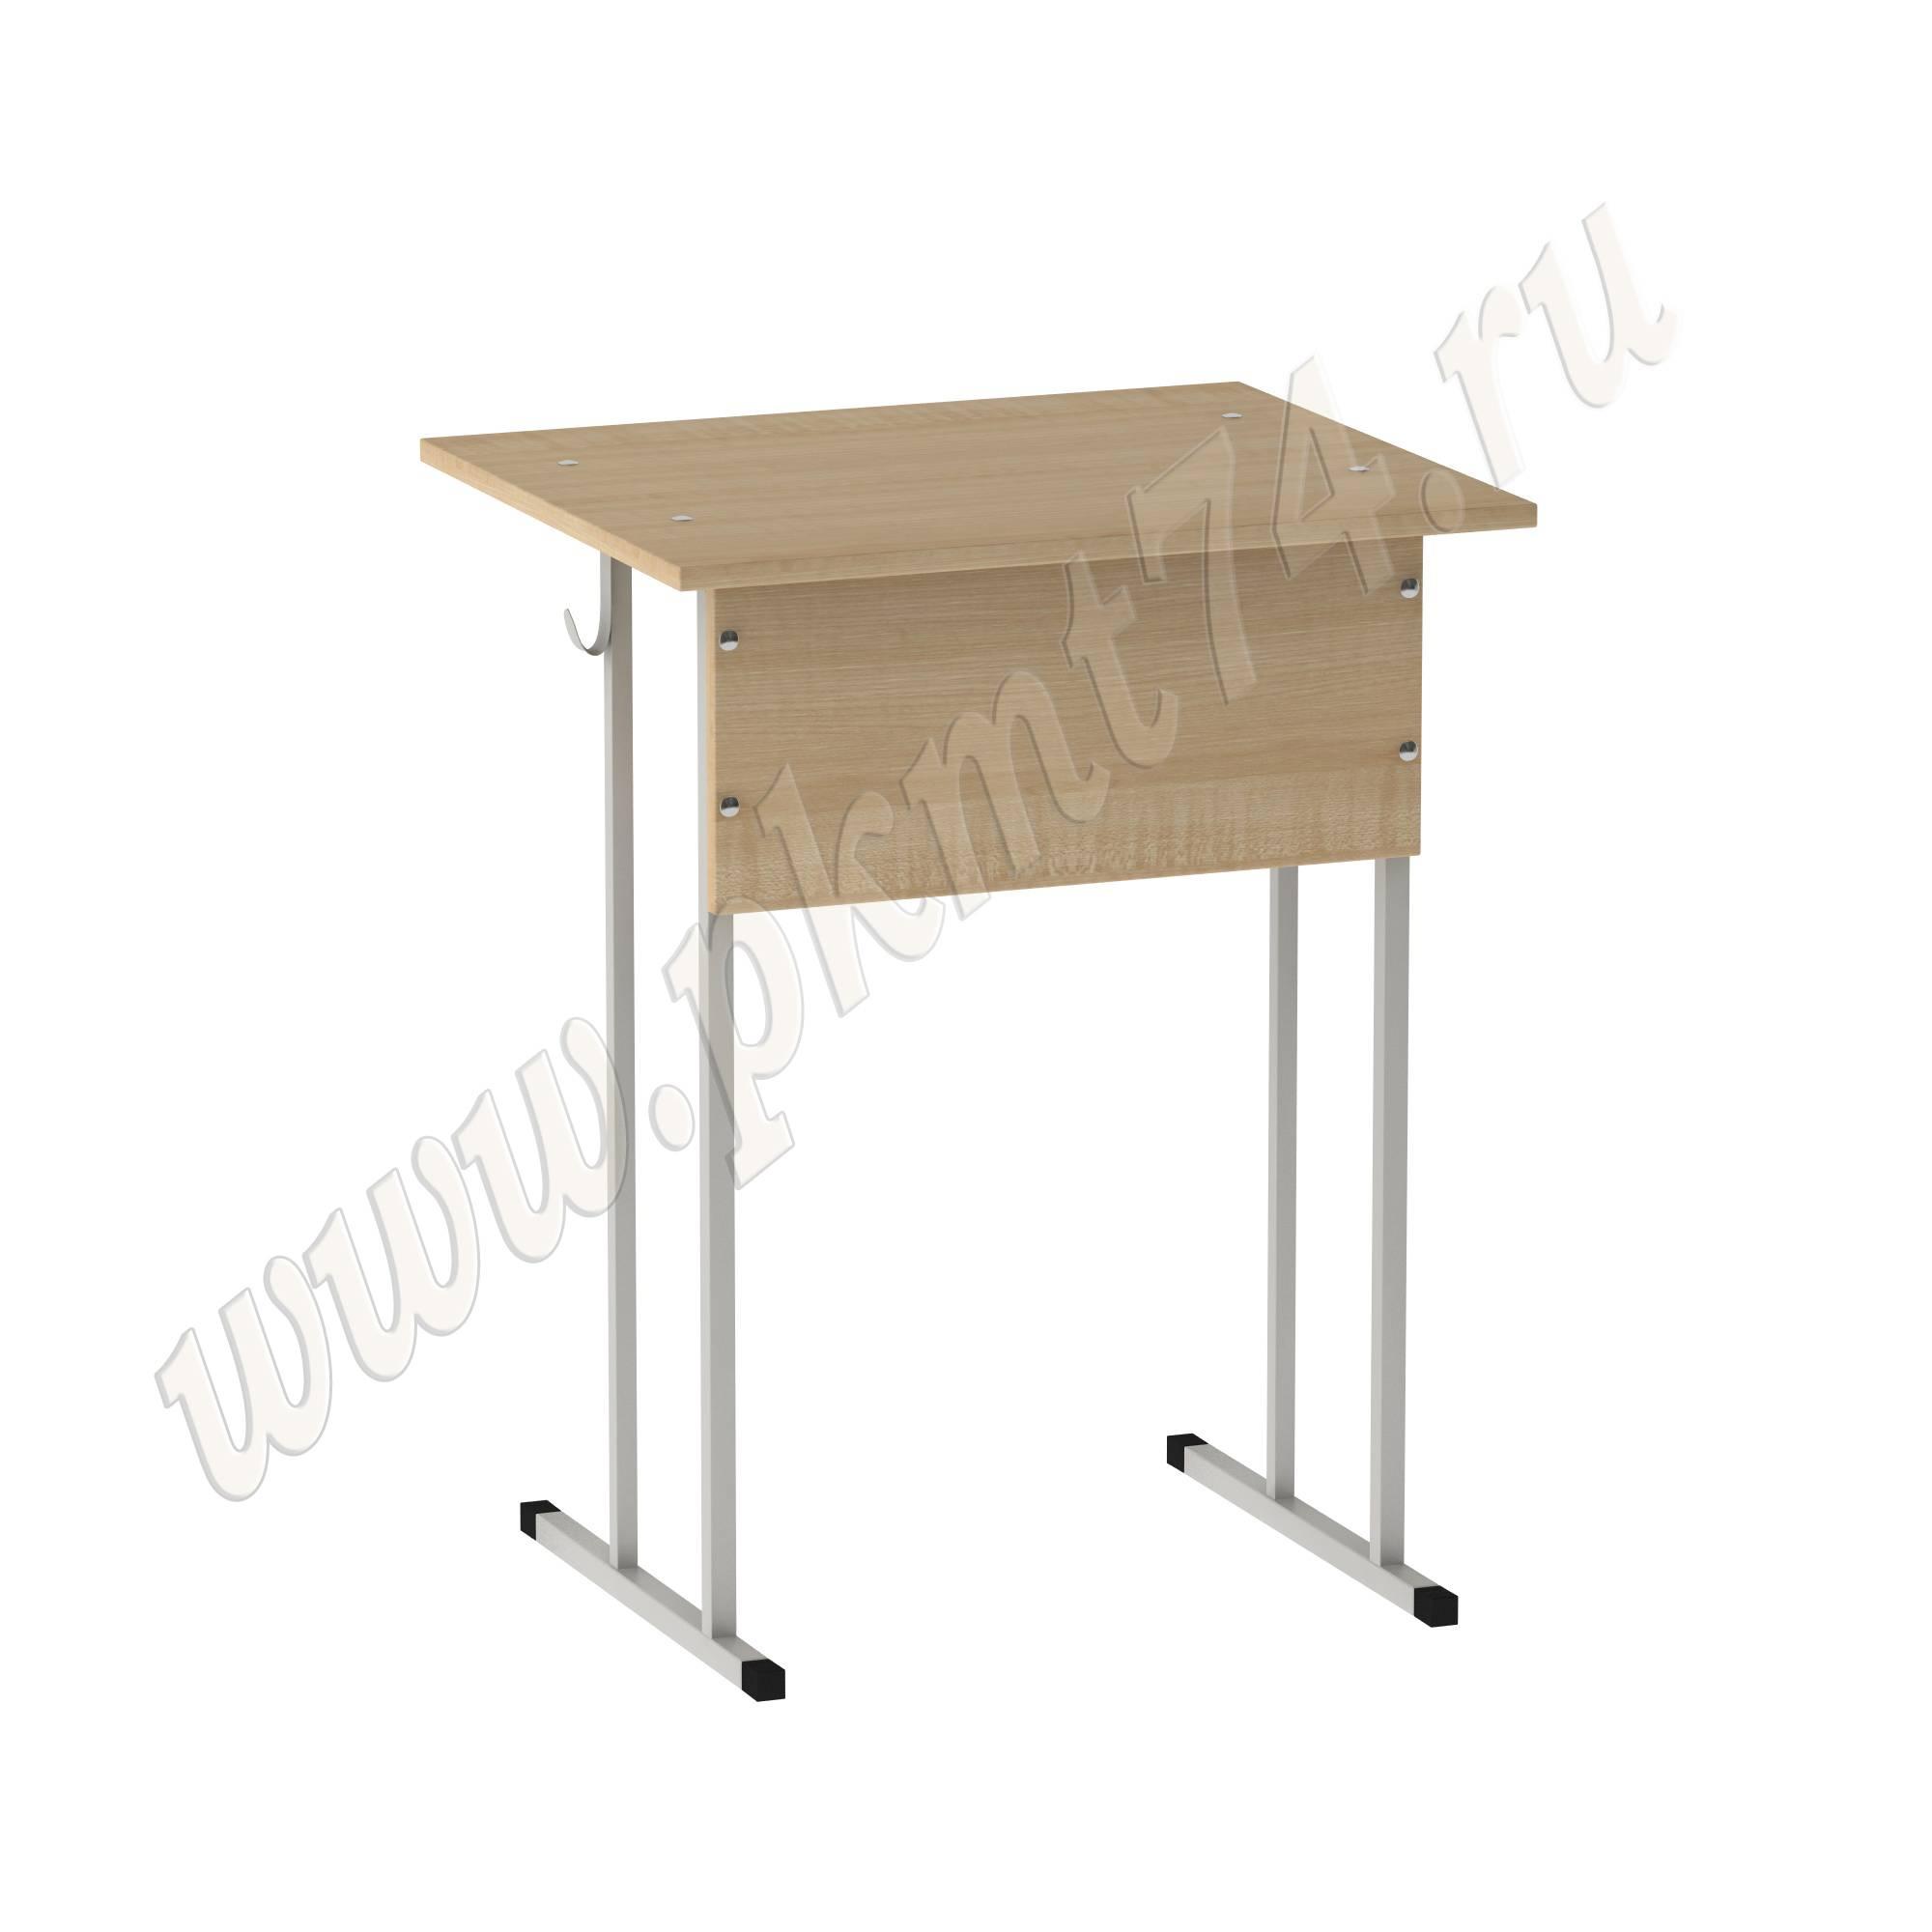 Стол ученический одноместный нерегулируемый [Цвет ЛДСП:: Клён]